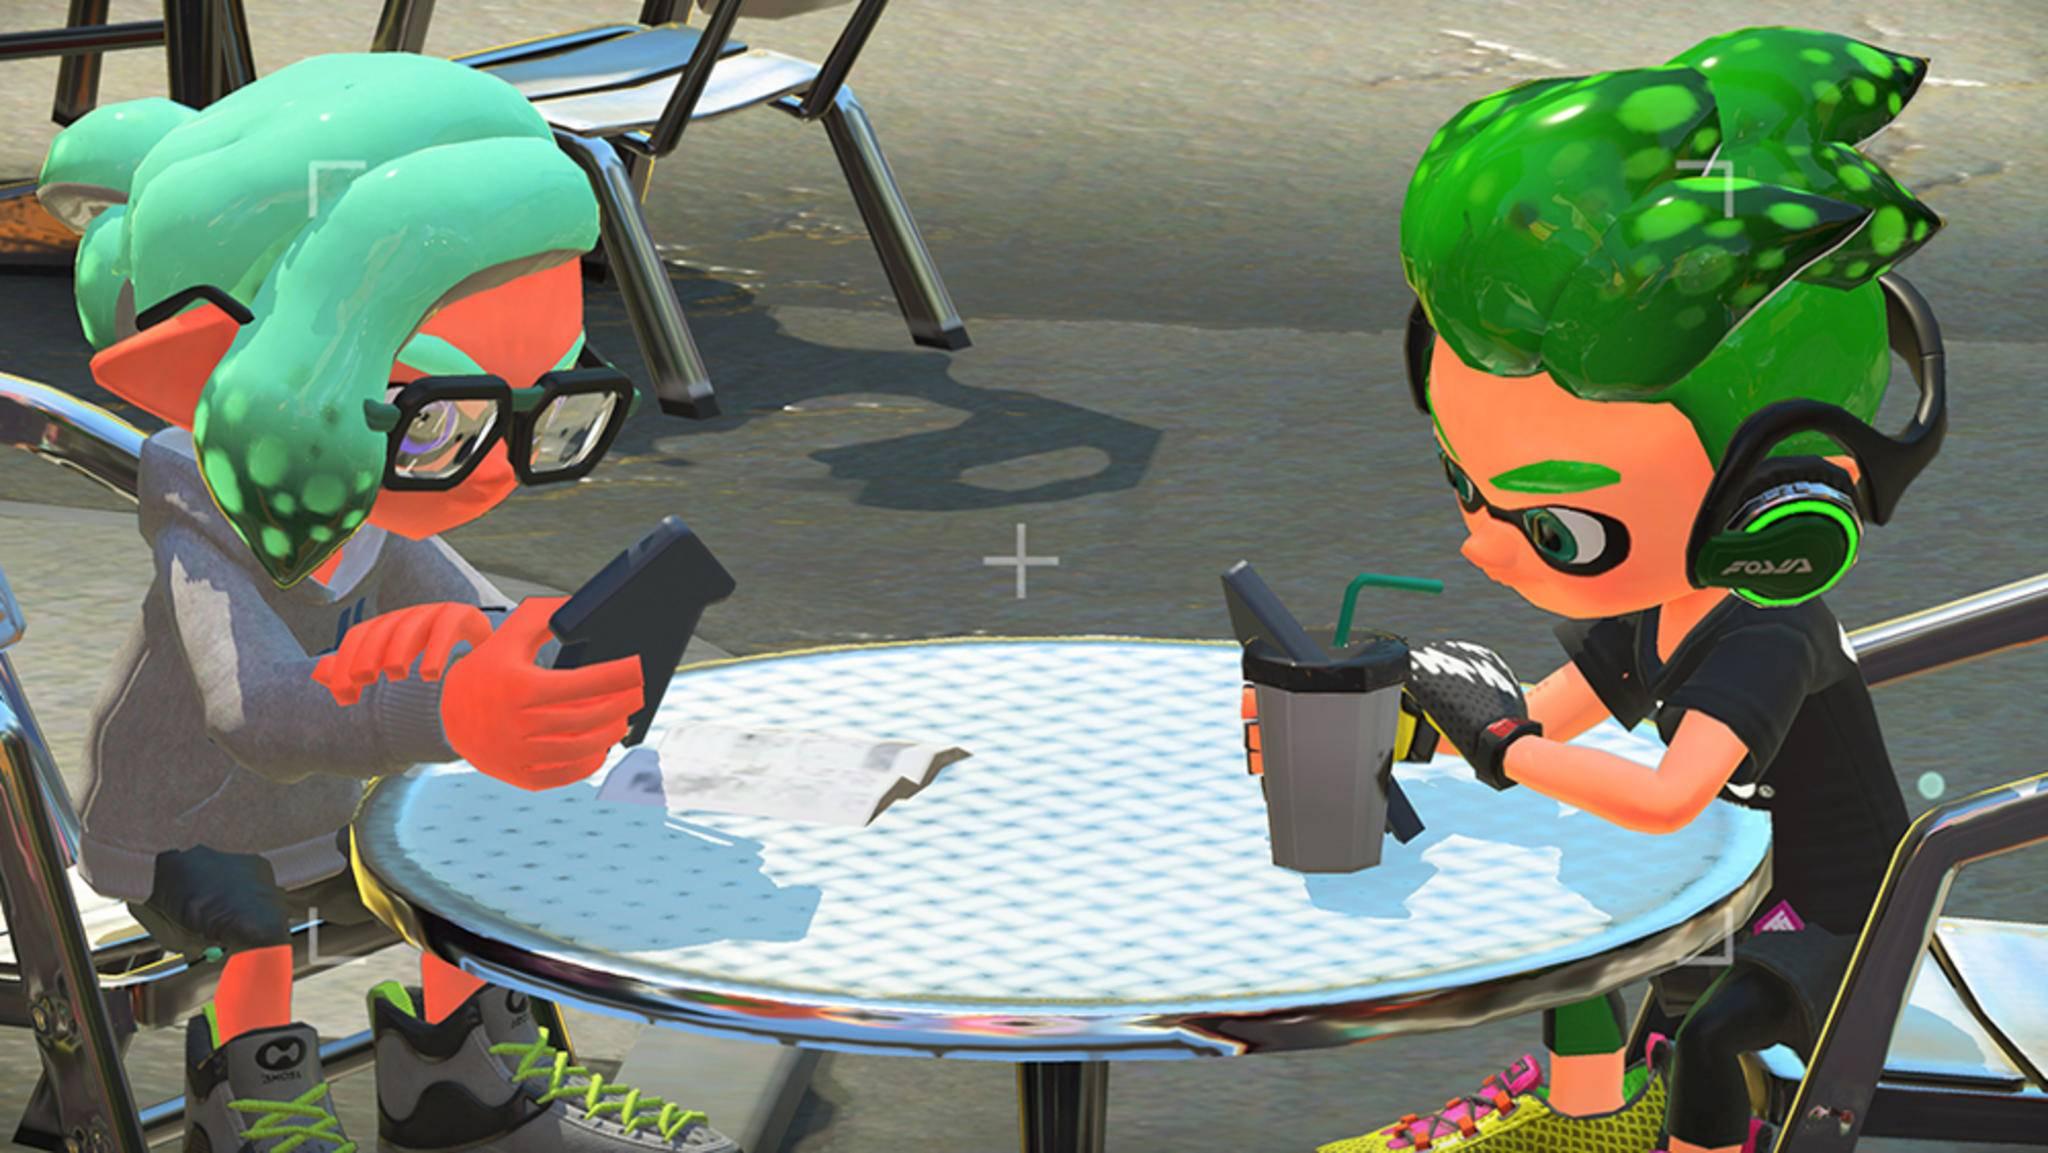 Um Sprachchats für Multiplayer-Partien mit der Nintendo Switch zu starten, ist eine spezielle Smartphone-App notwendig.